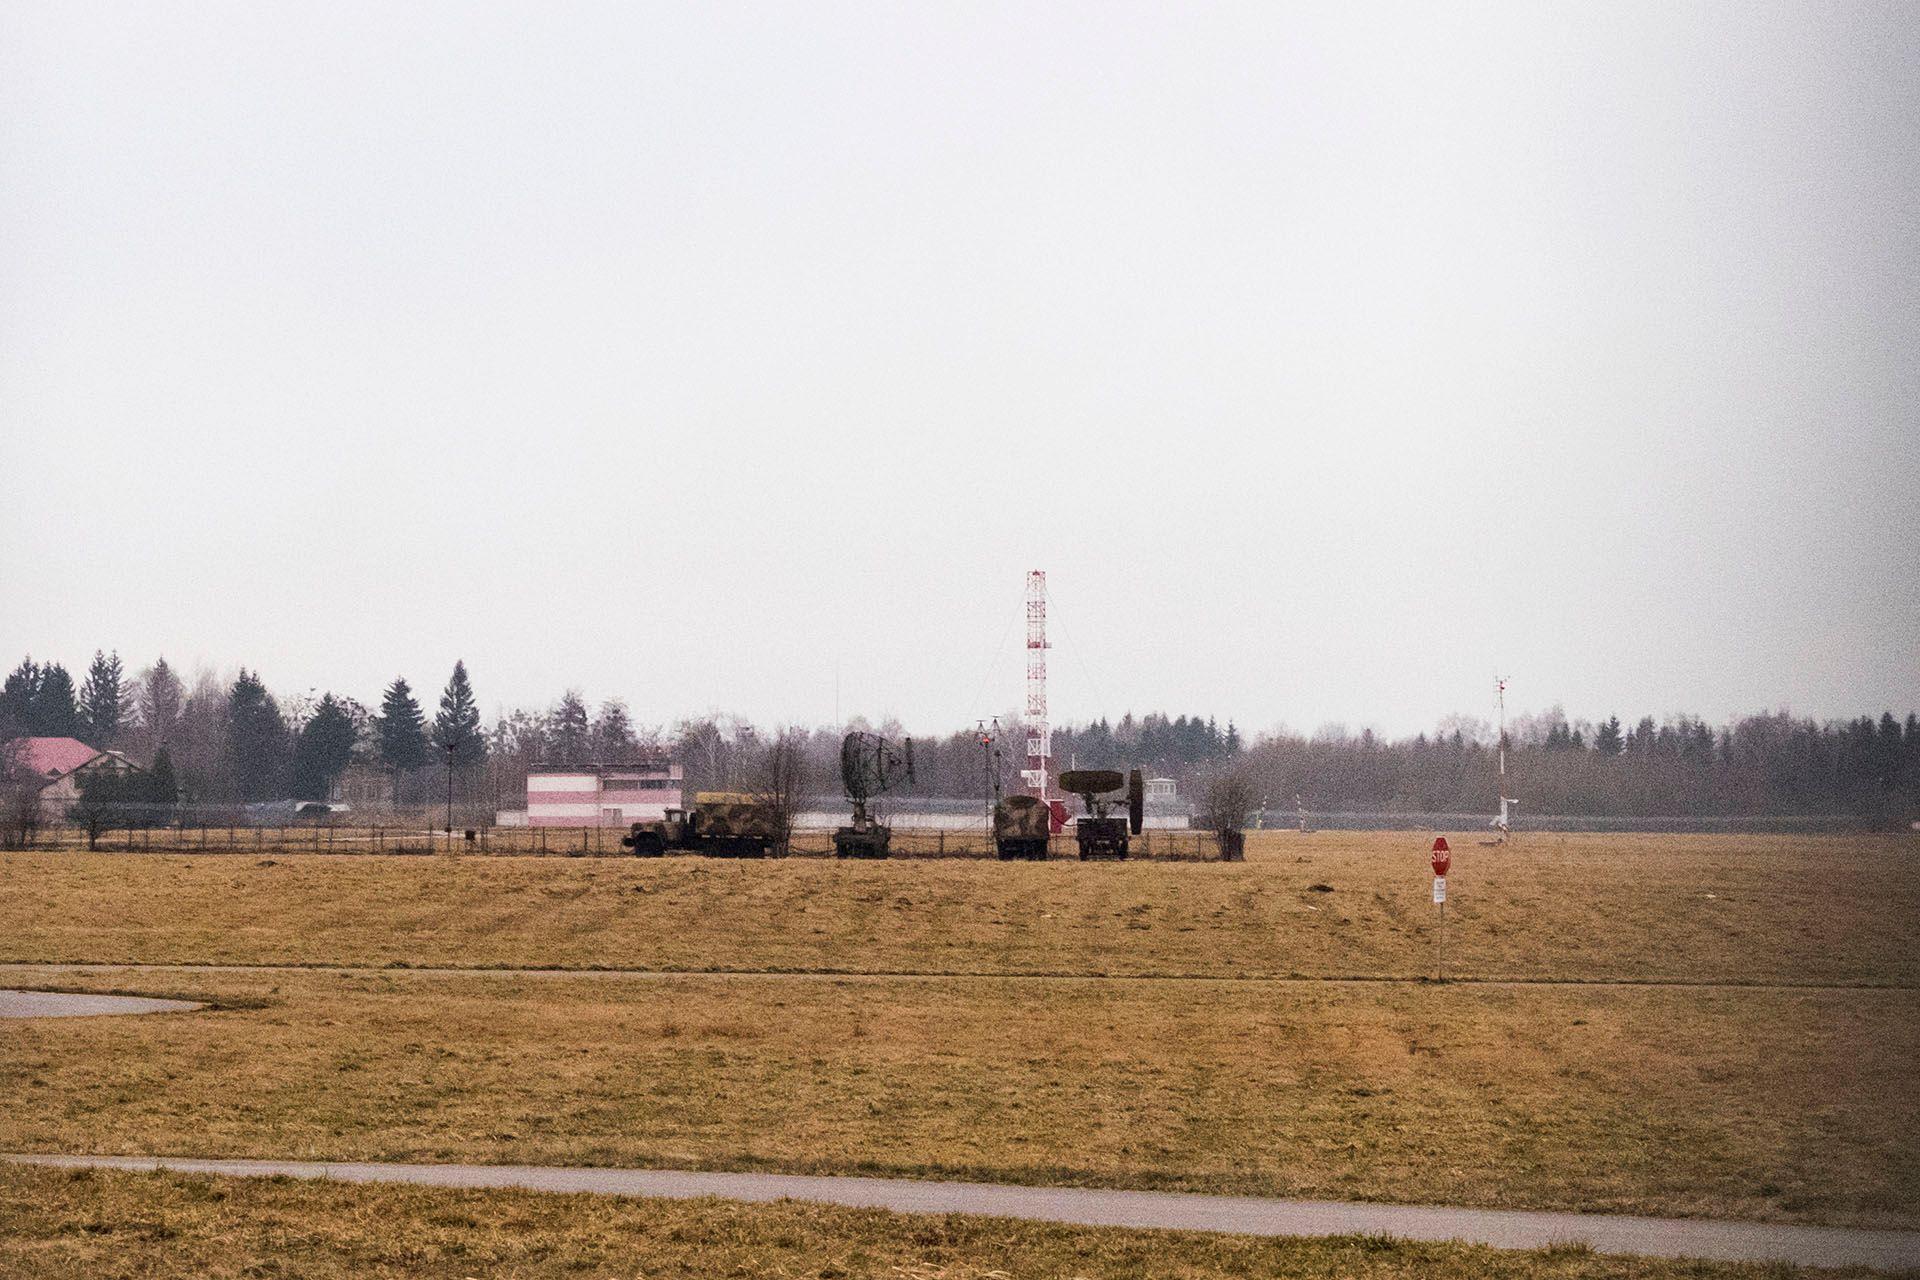 Група чоловіків на полі